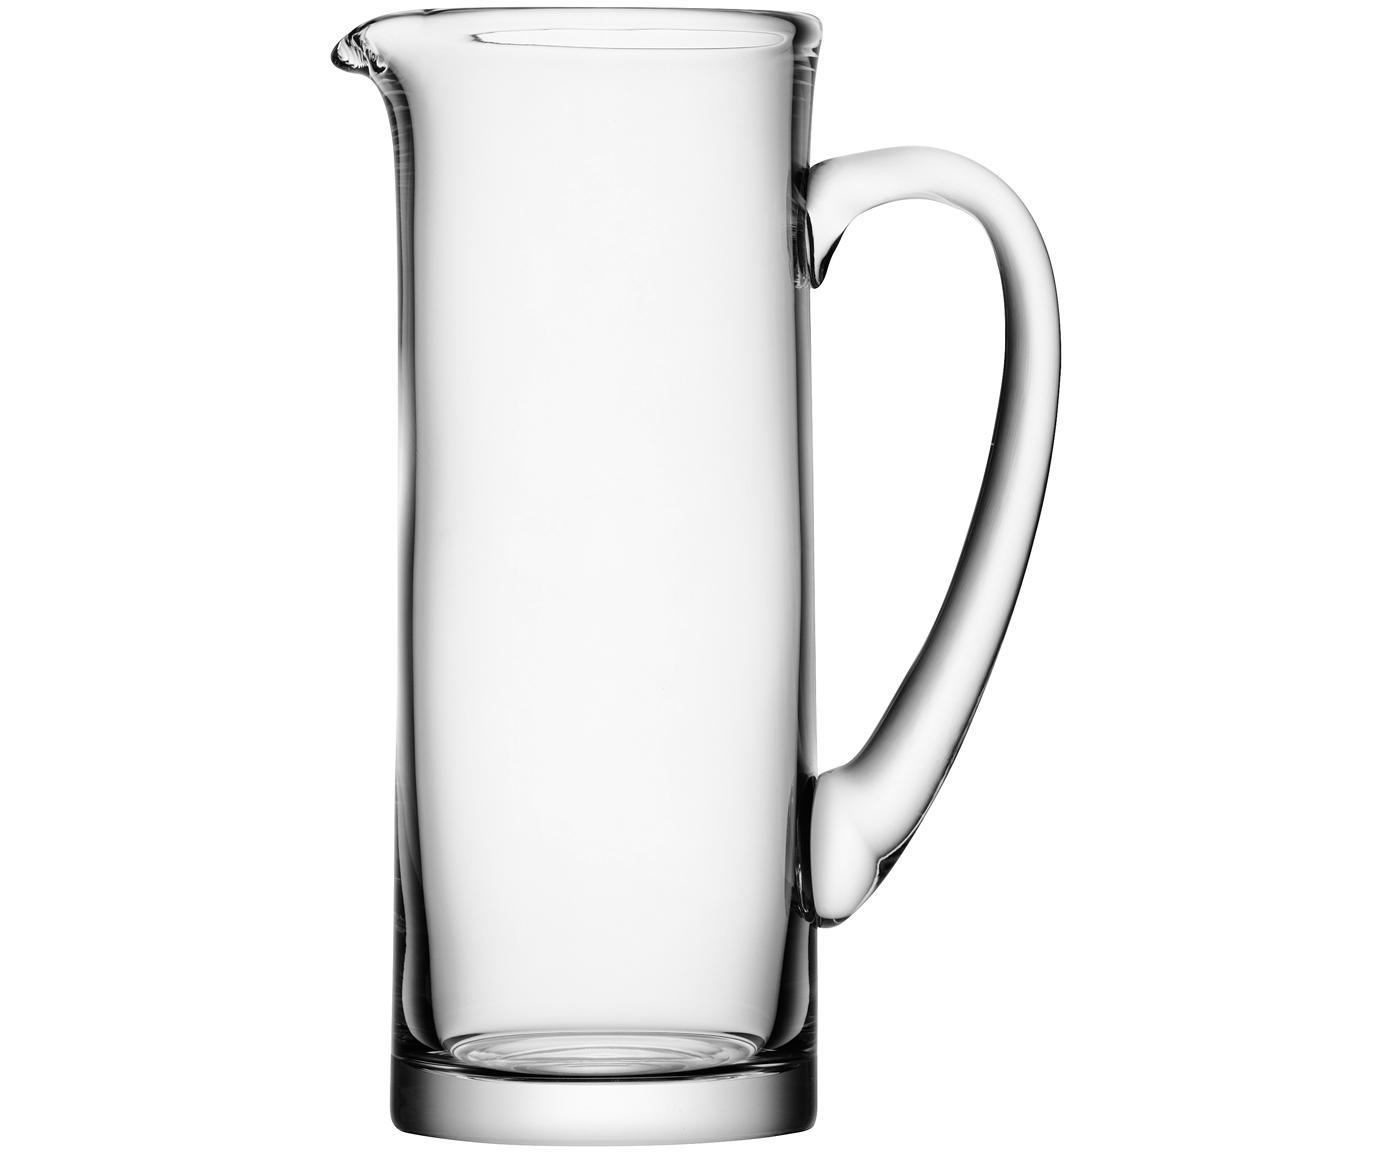 Karaf Basis, Glas, Transparant, 1.5 L